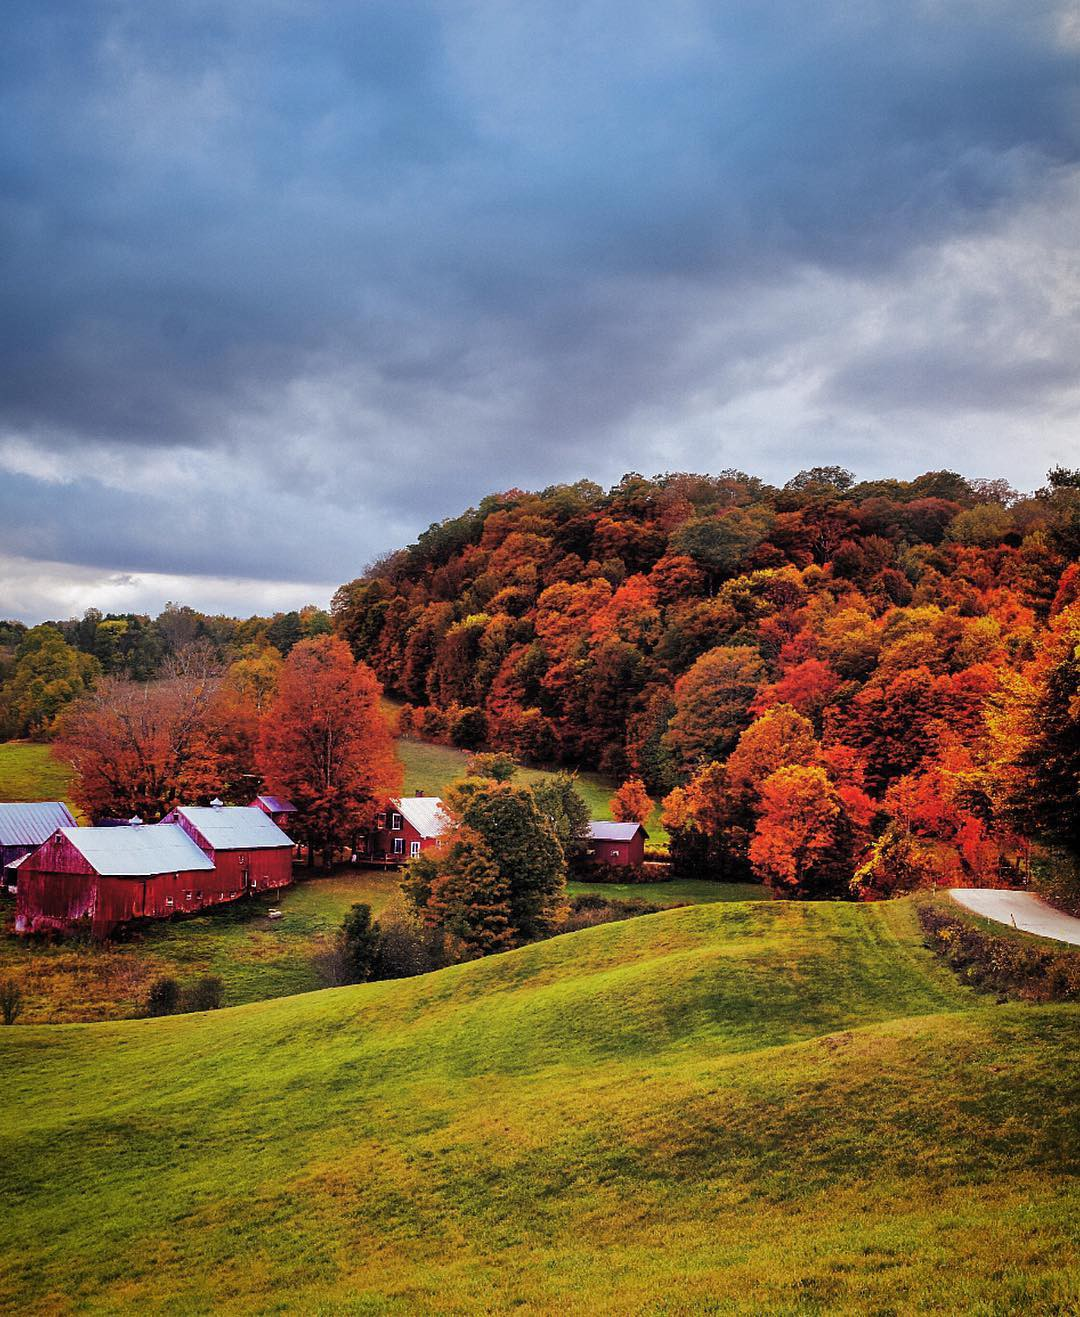 Ngắm phong cảnh đẹp đến ngoạn mục của những khu rừng vào mùa thu - Ảnh 15.